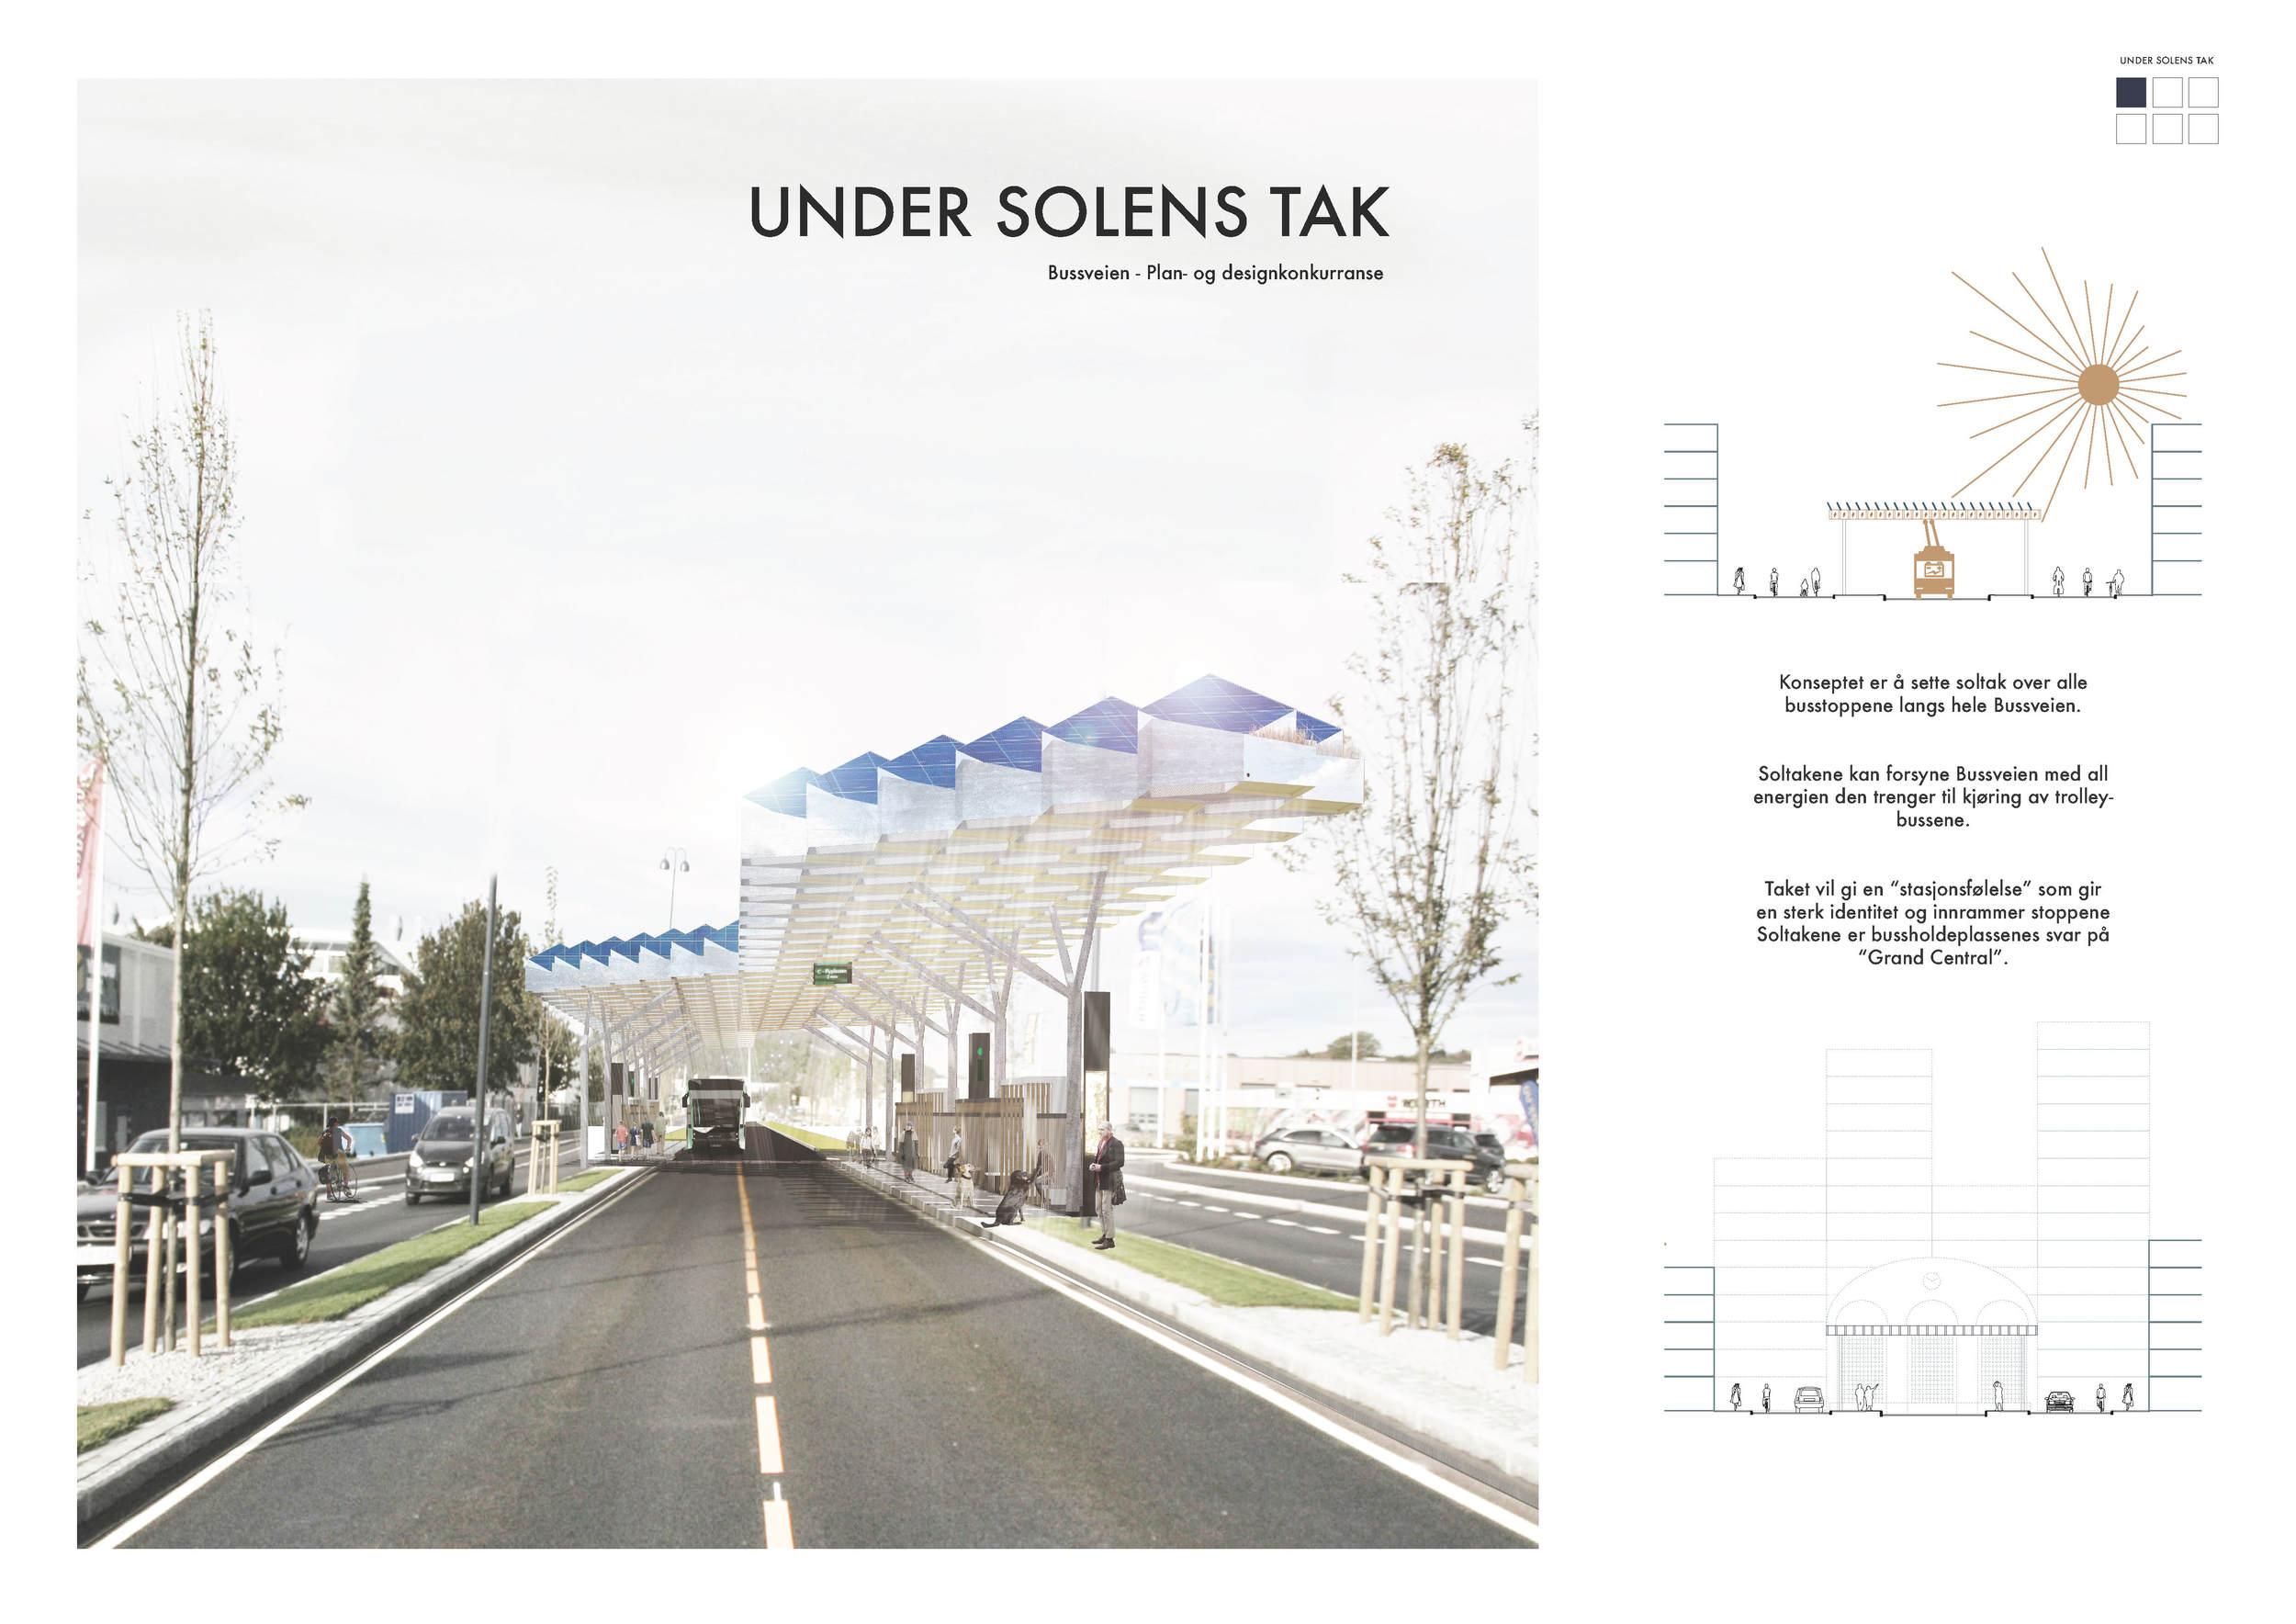 150223_Under_Solens_Tak_2_Page_1.jpg